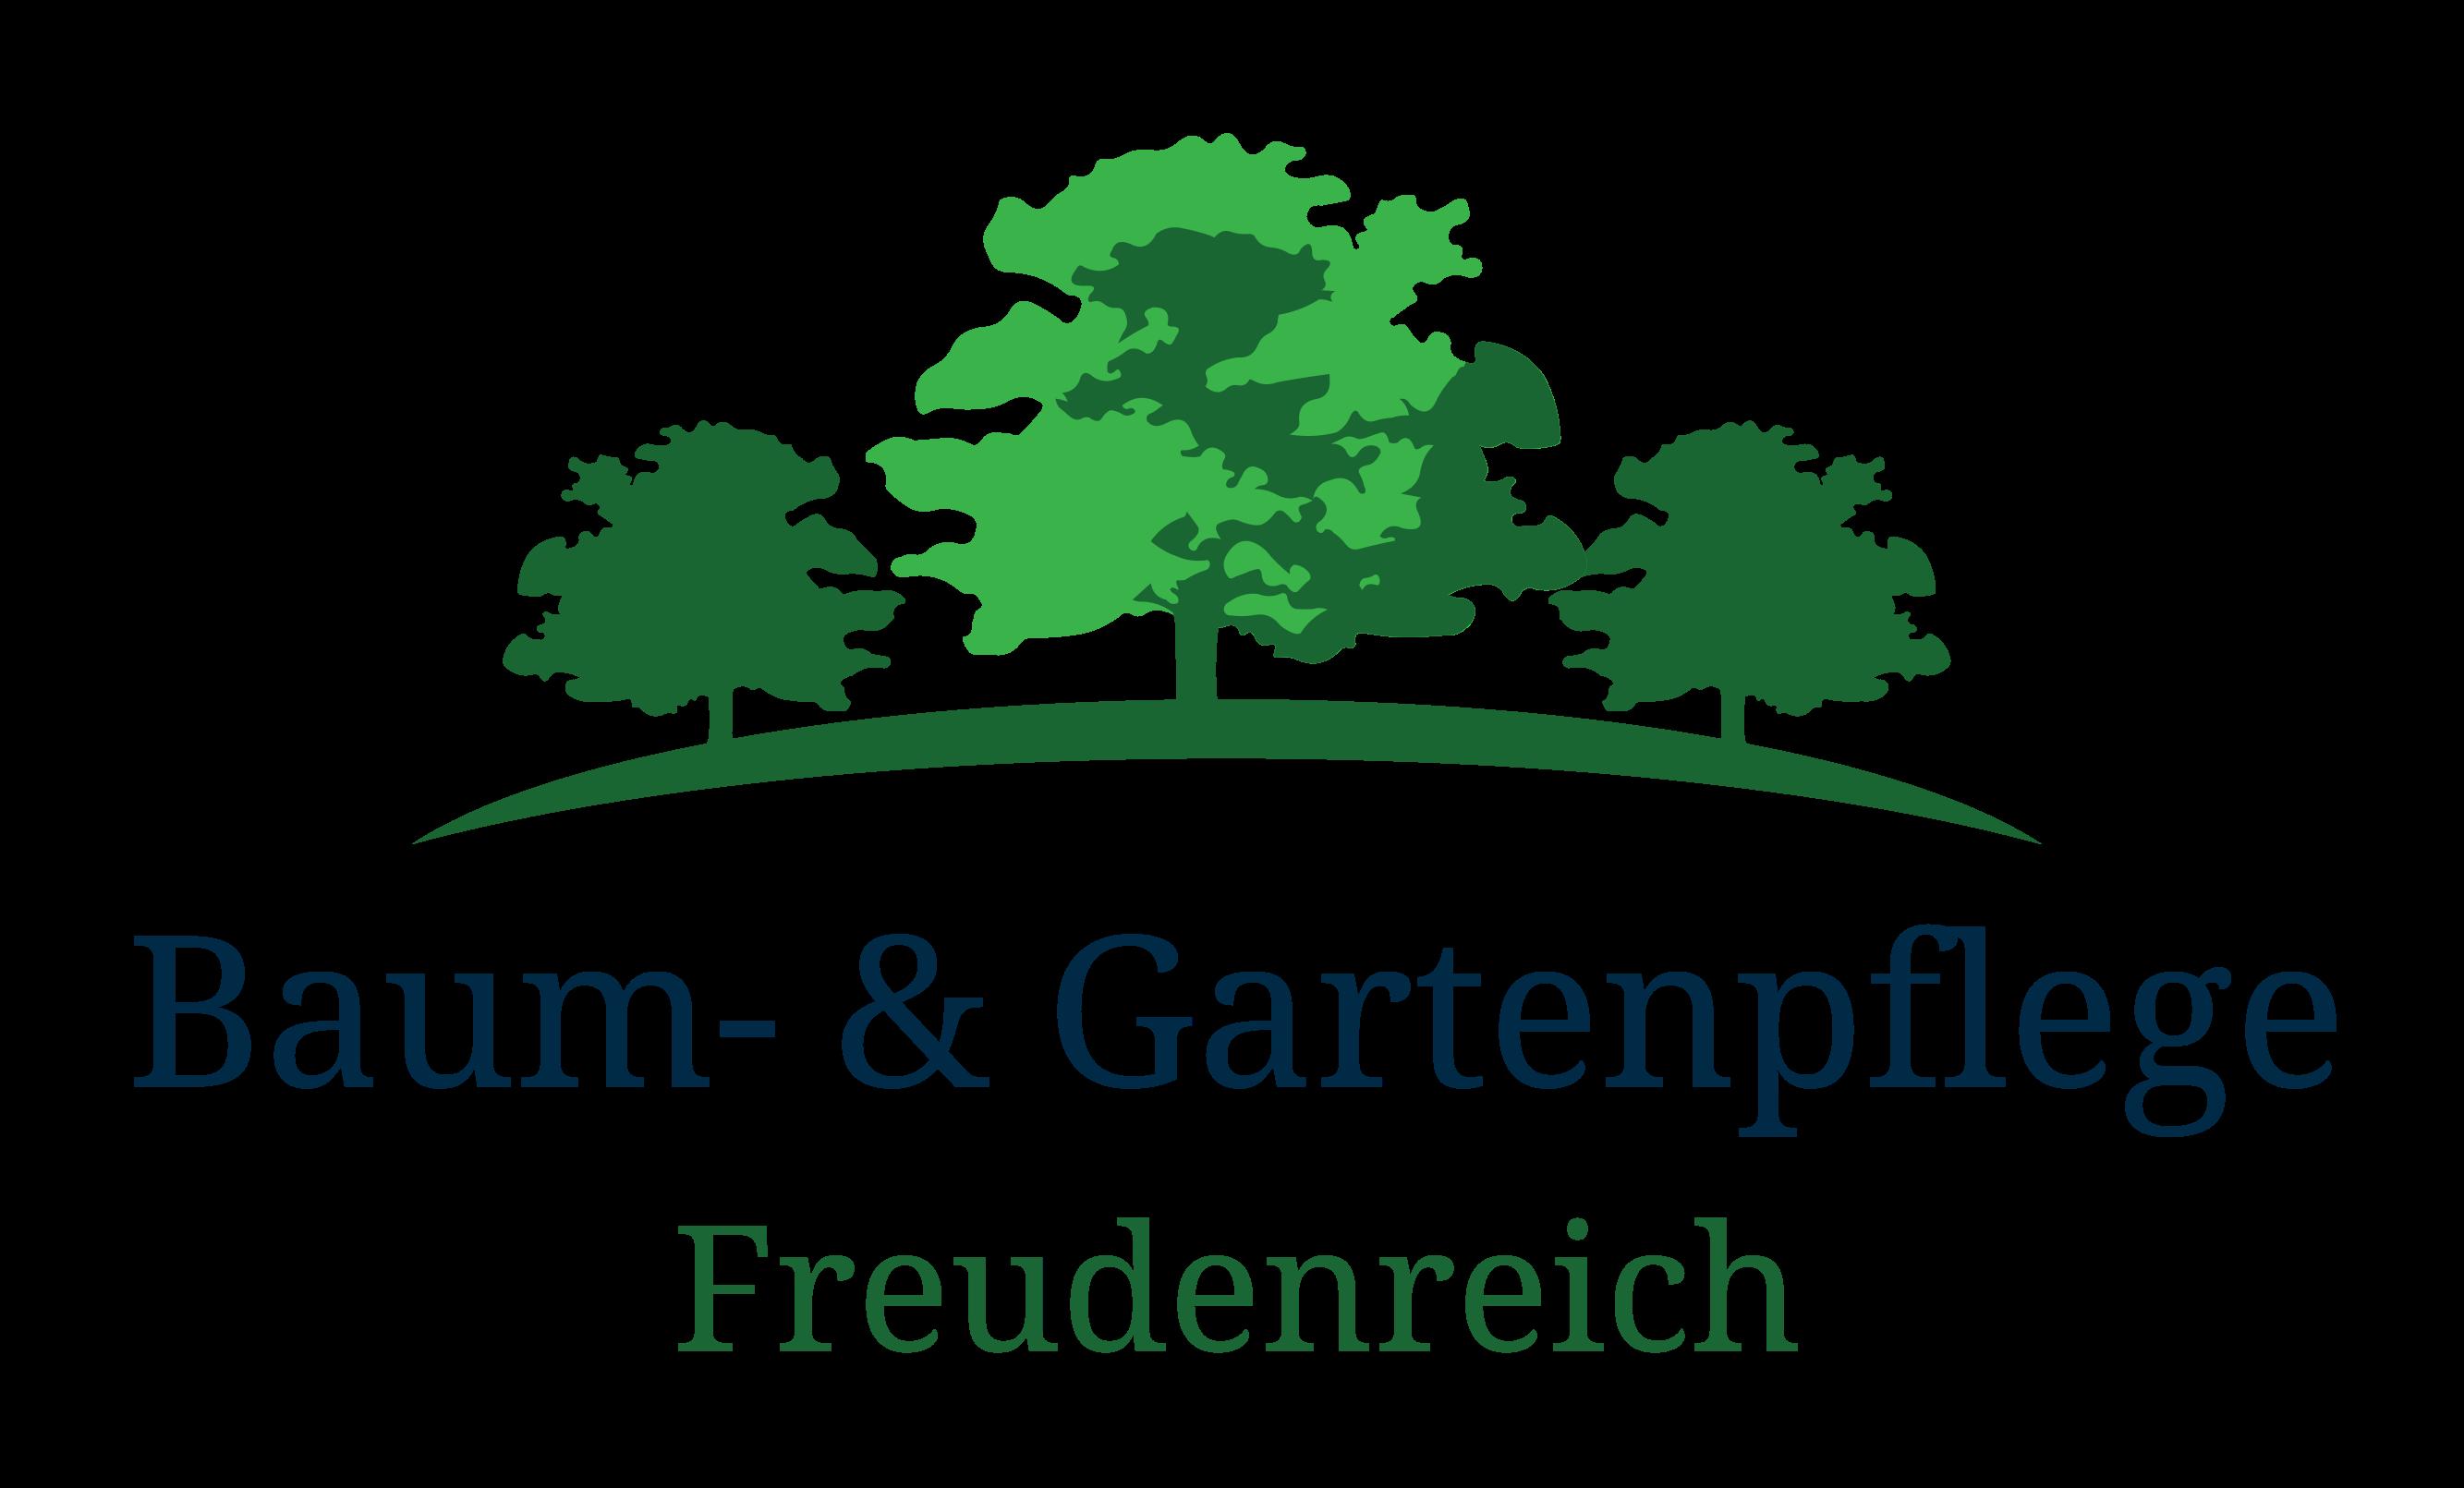 Baum- & Gartenpflege Freudenreich